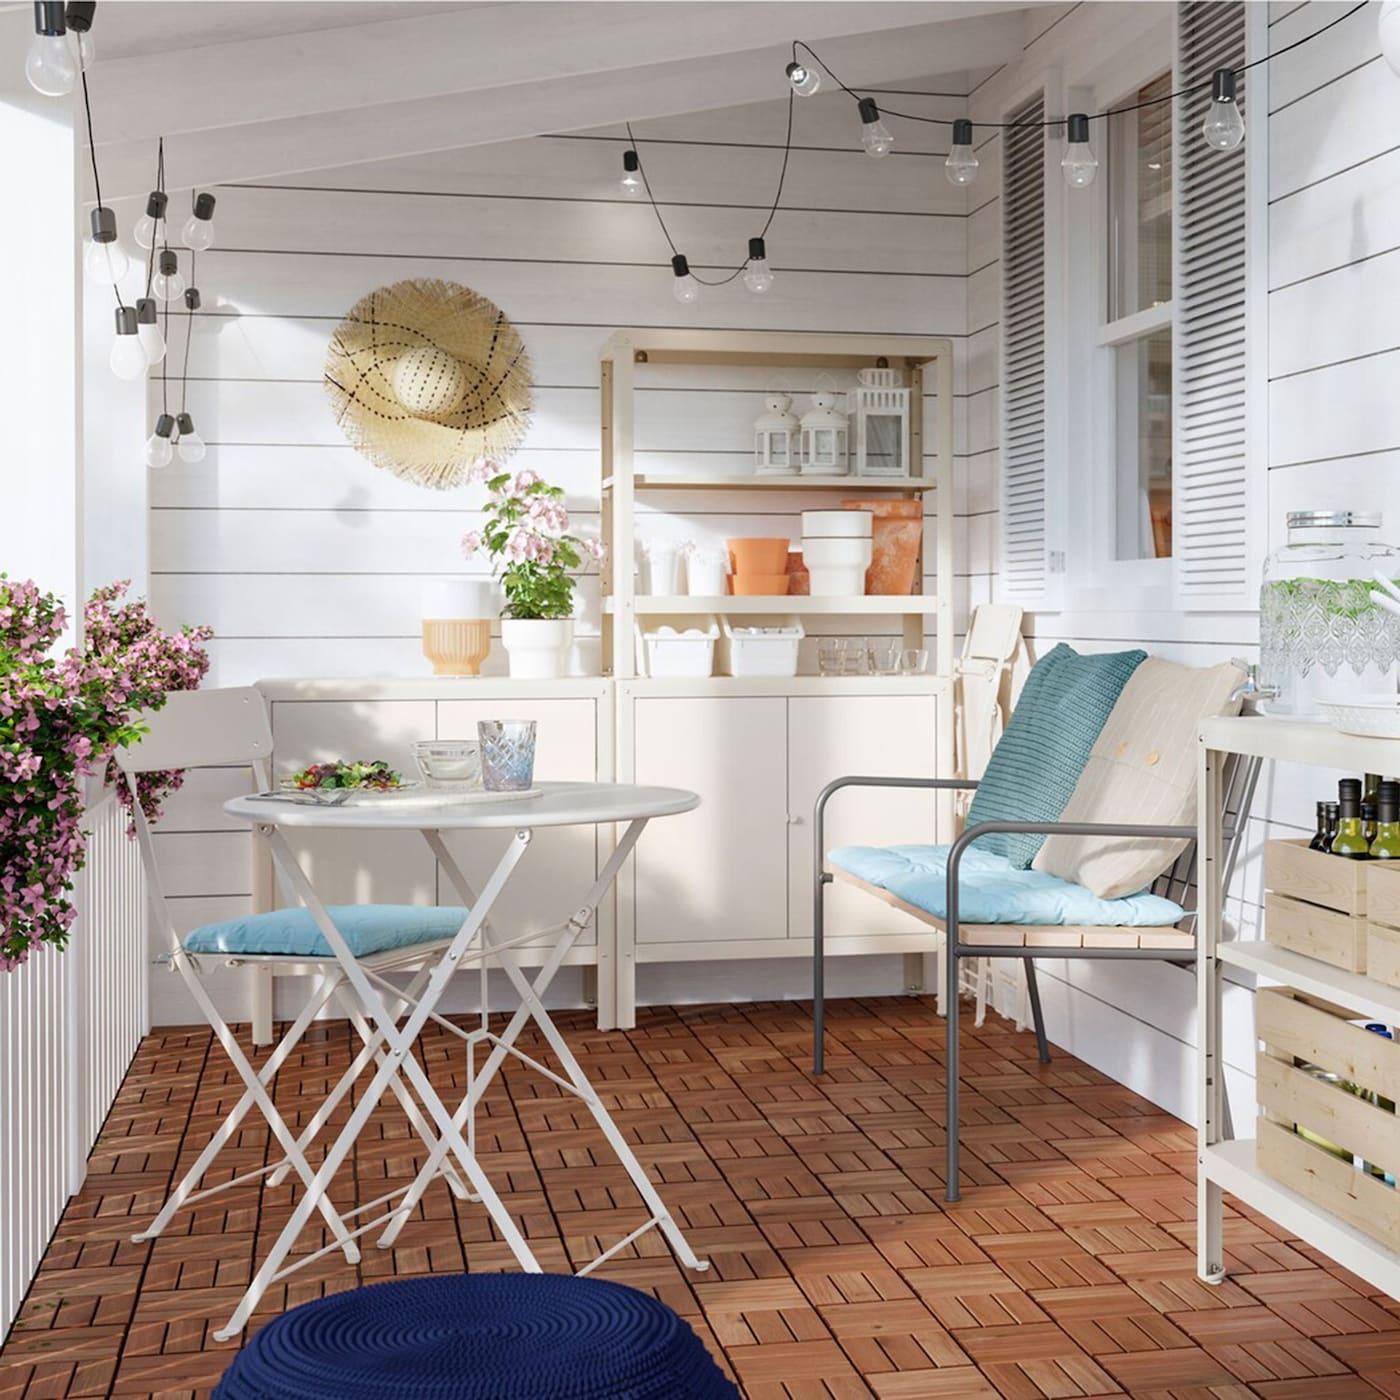 IKEA KOLBJÖRN Regal für drinnen und draussen kann quasi überall genutzt werden. Die Elemente mit zwei Böden lassen sich stapeln und so zu einer grösseren Kombination zusammenstellen.